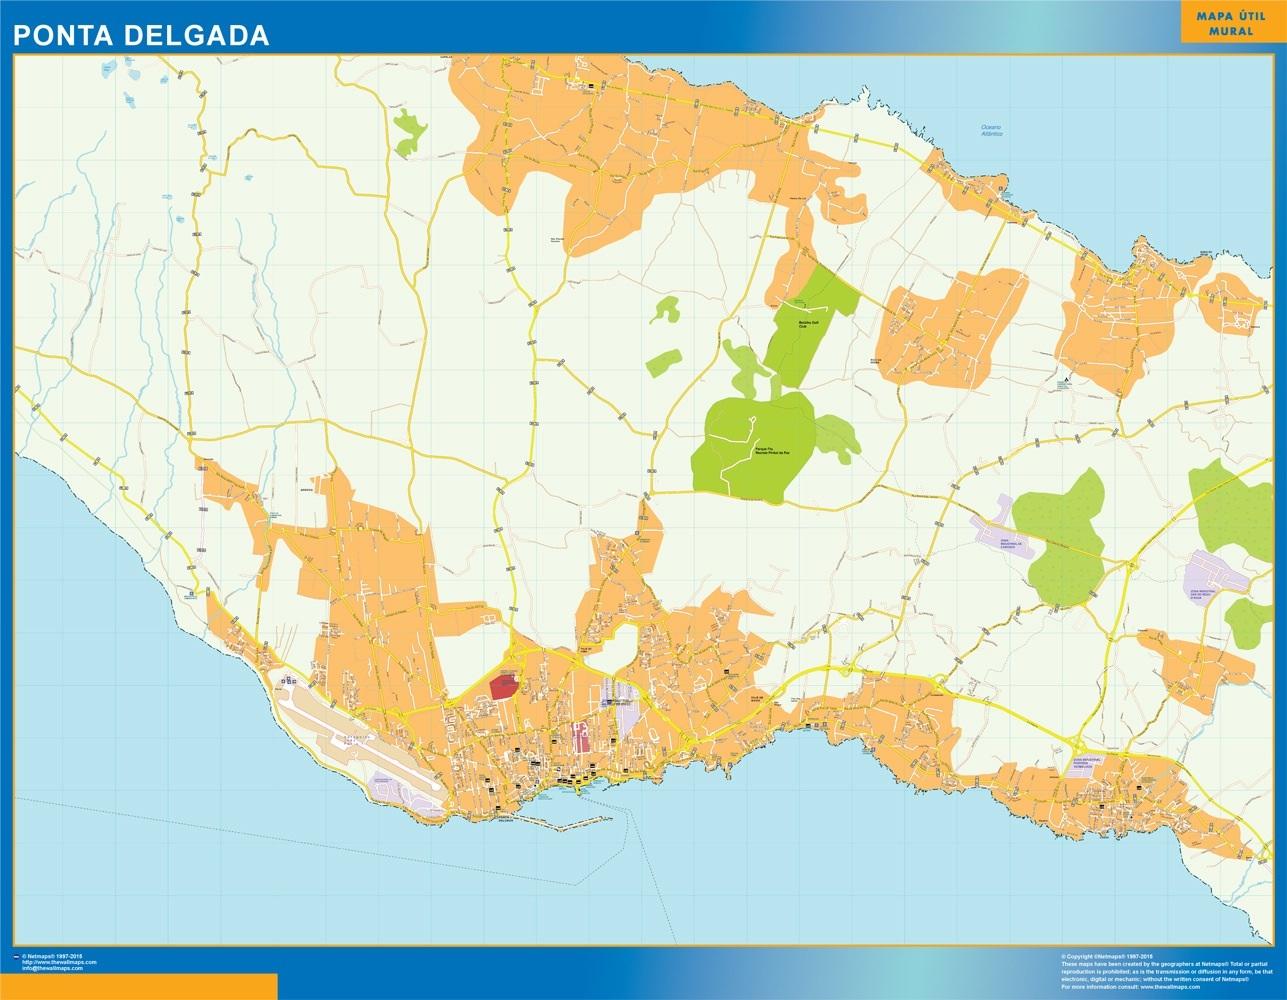 Mapa Ponta Delgada en Portugal plastificado gigante